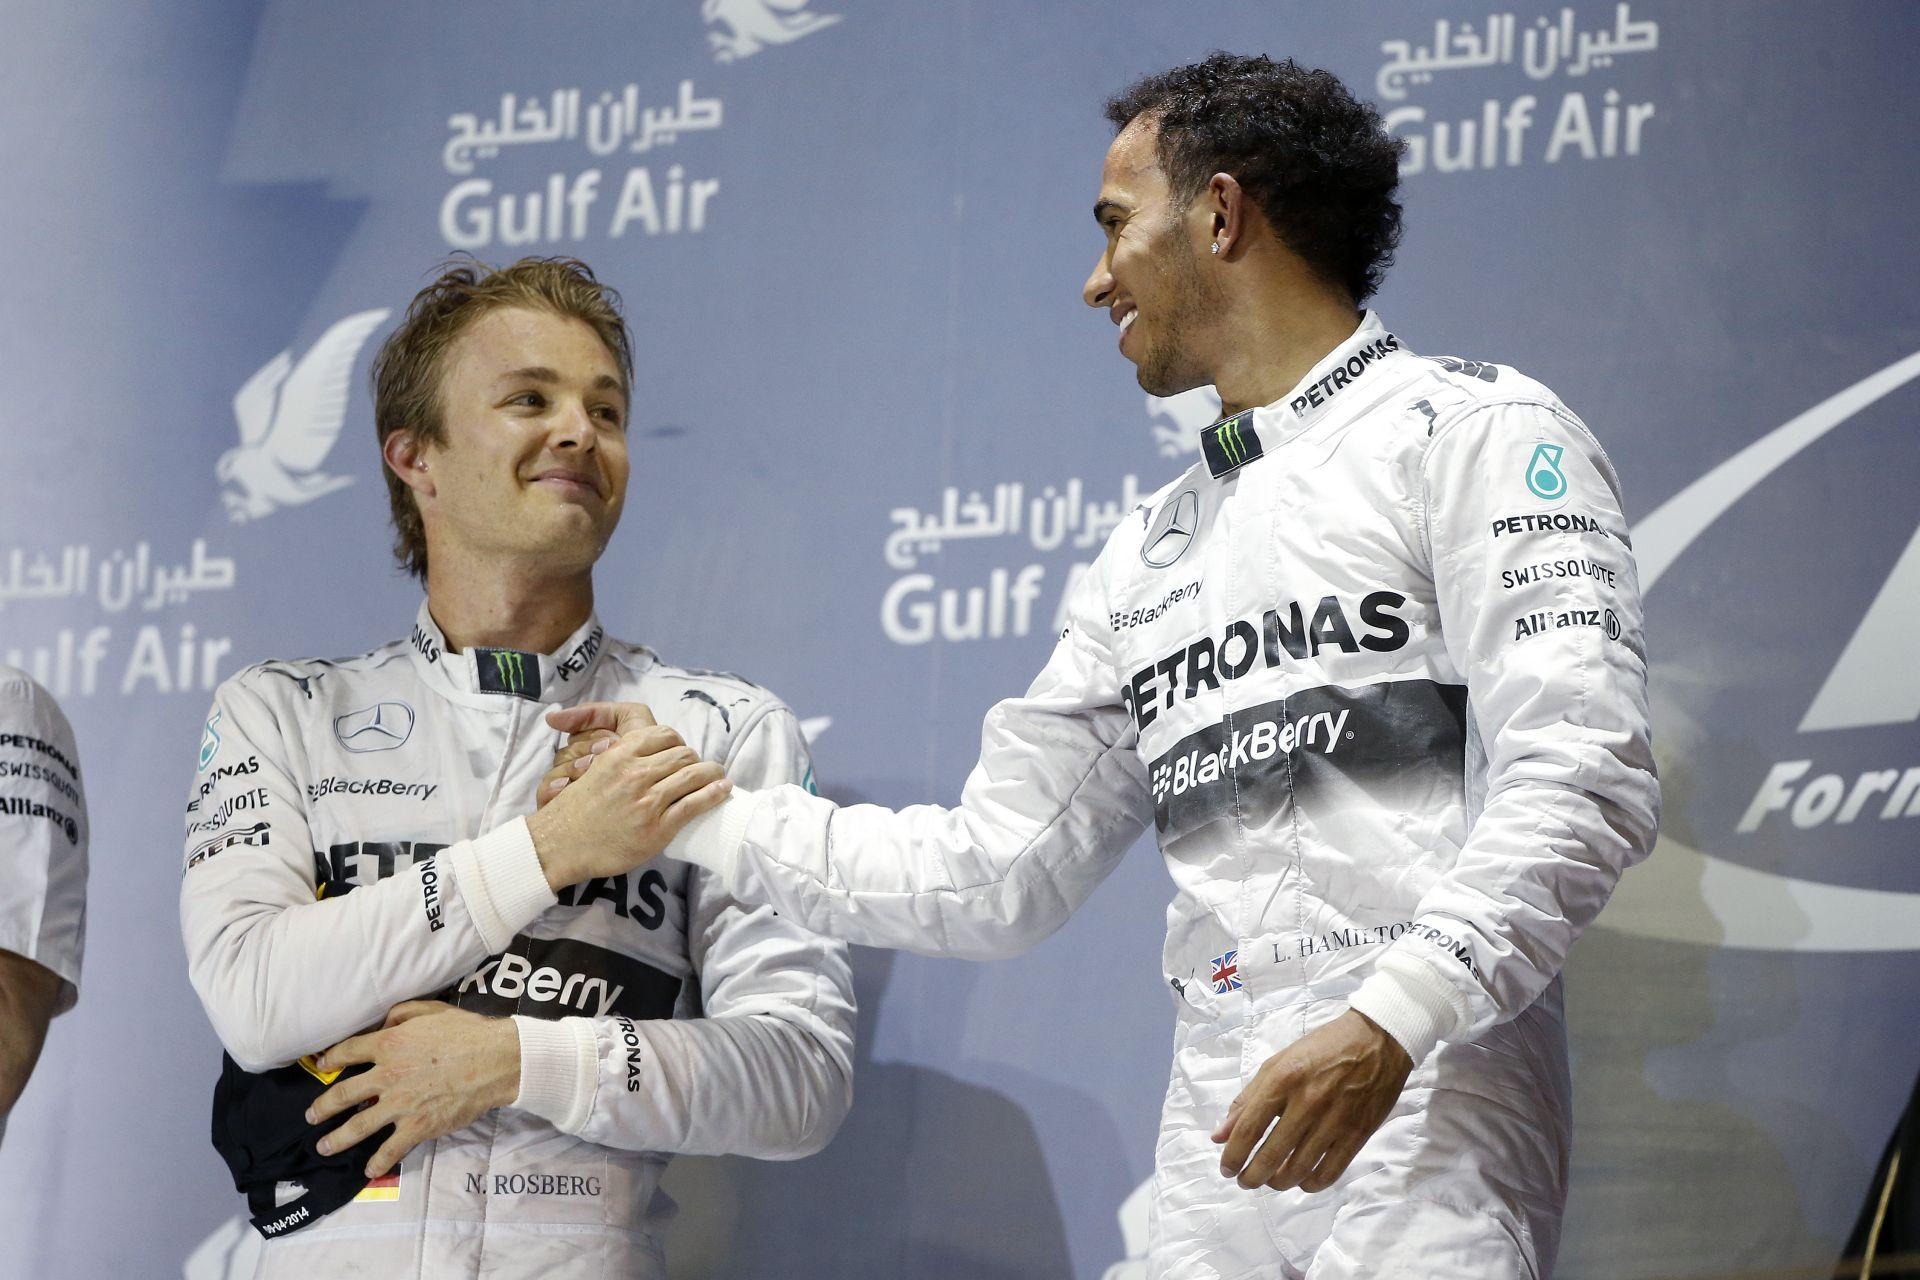 Rosberg nagyon boldog, Hamilton nem igazán, addig Bottas a Red Bull Ringen debütált a dobogón